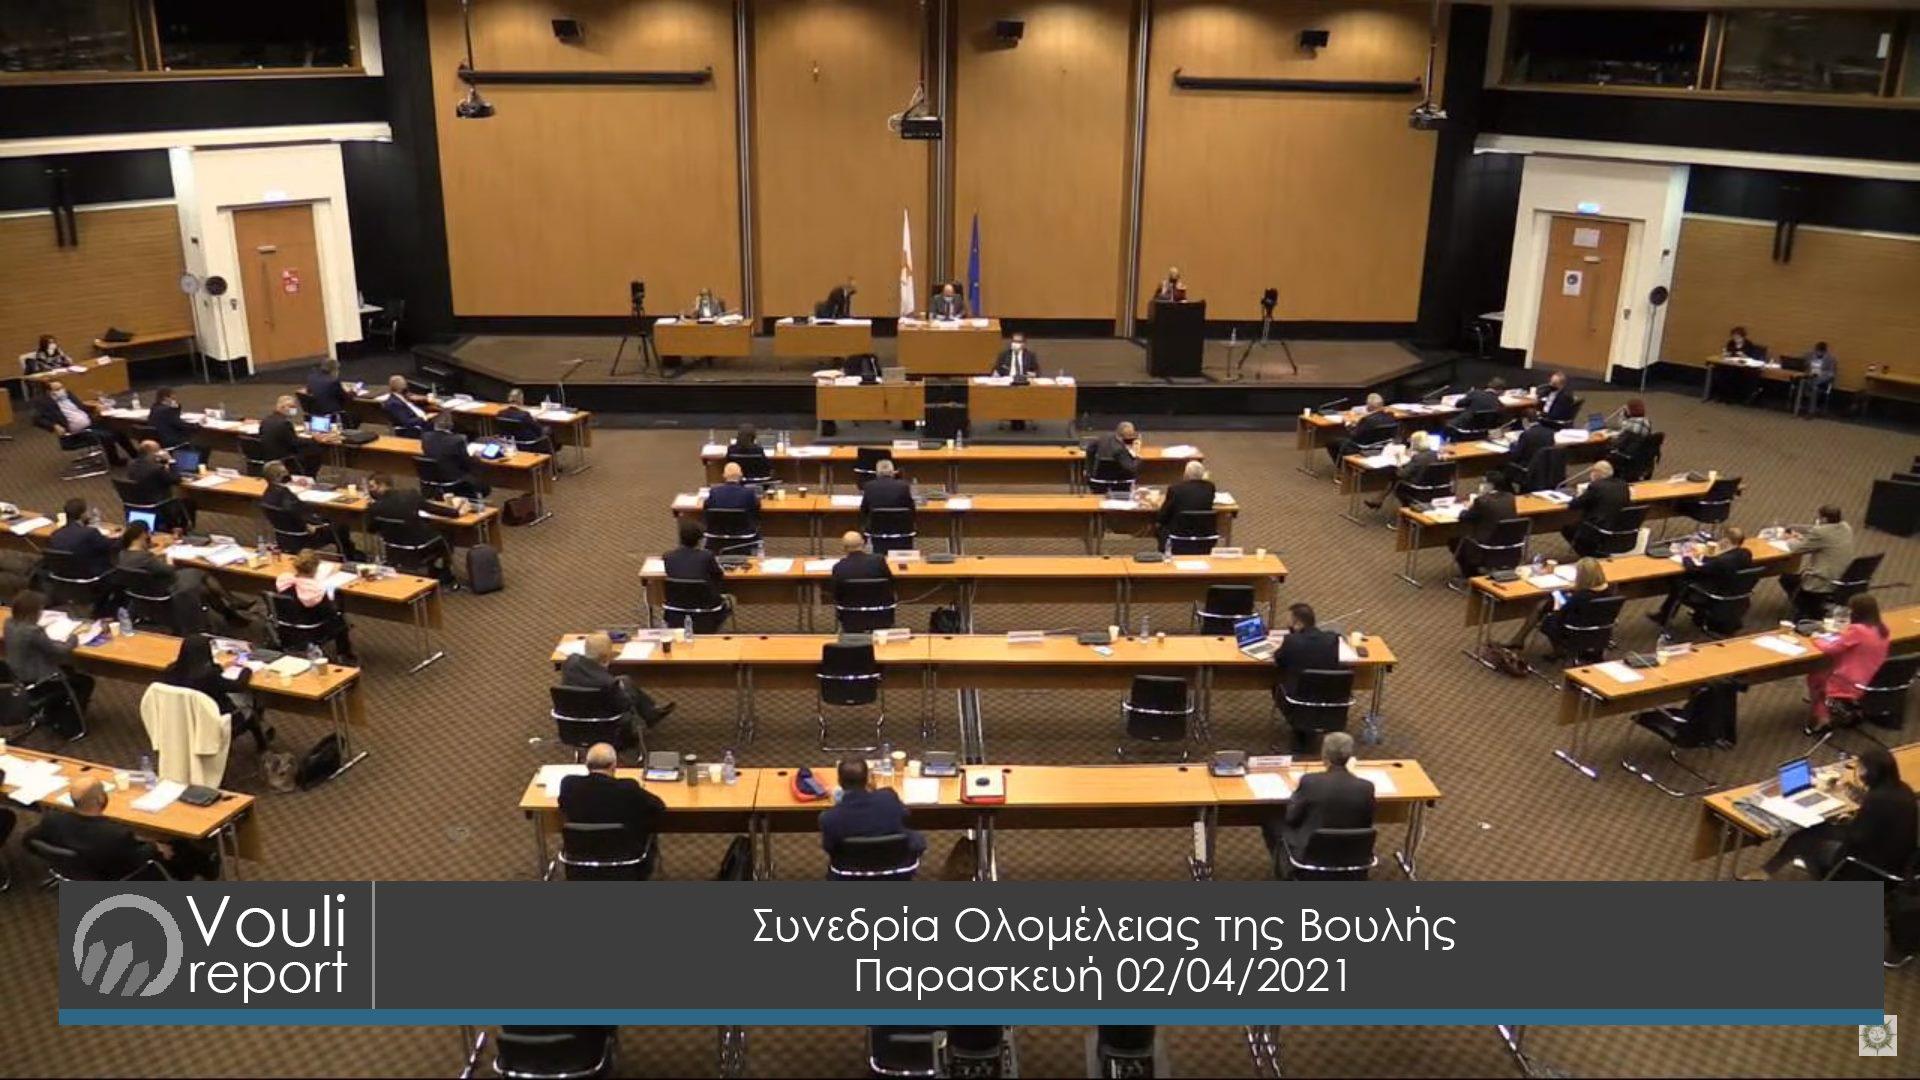 Συνεδρία Ολομέλειας της Βουλής | 02/04/2021